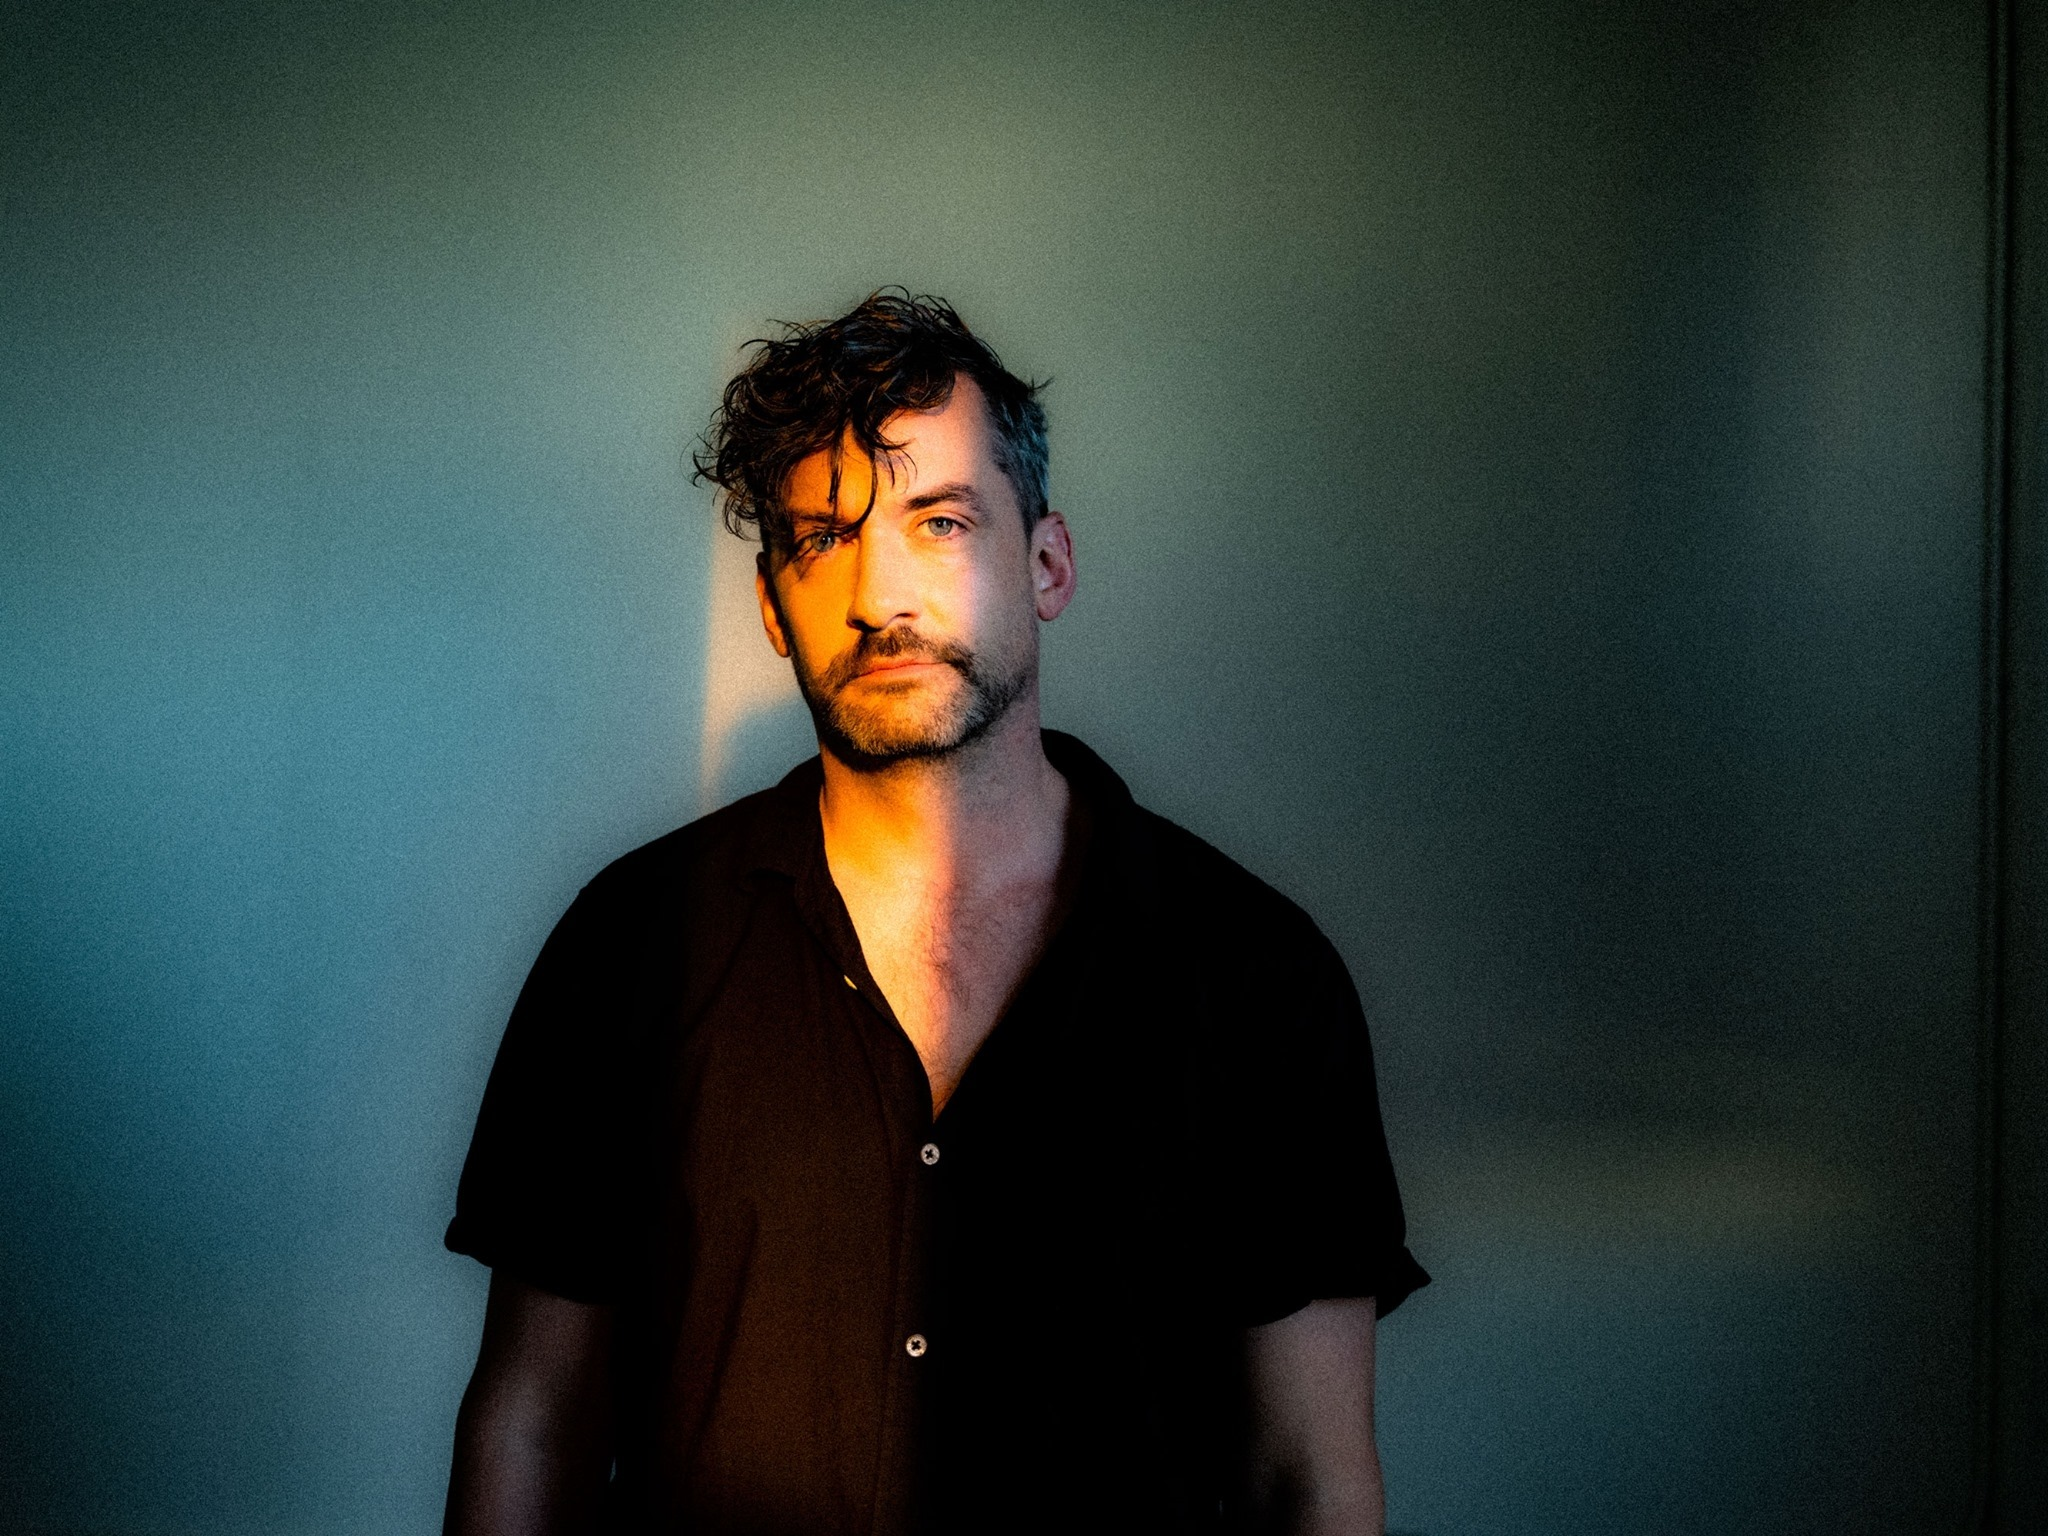 Bonobo pristato naują dainą ir dalinasi žiniomis apie būsimą albumą